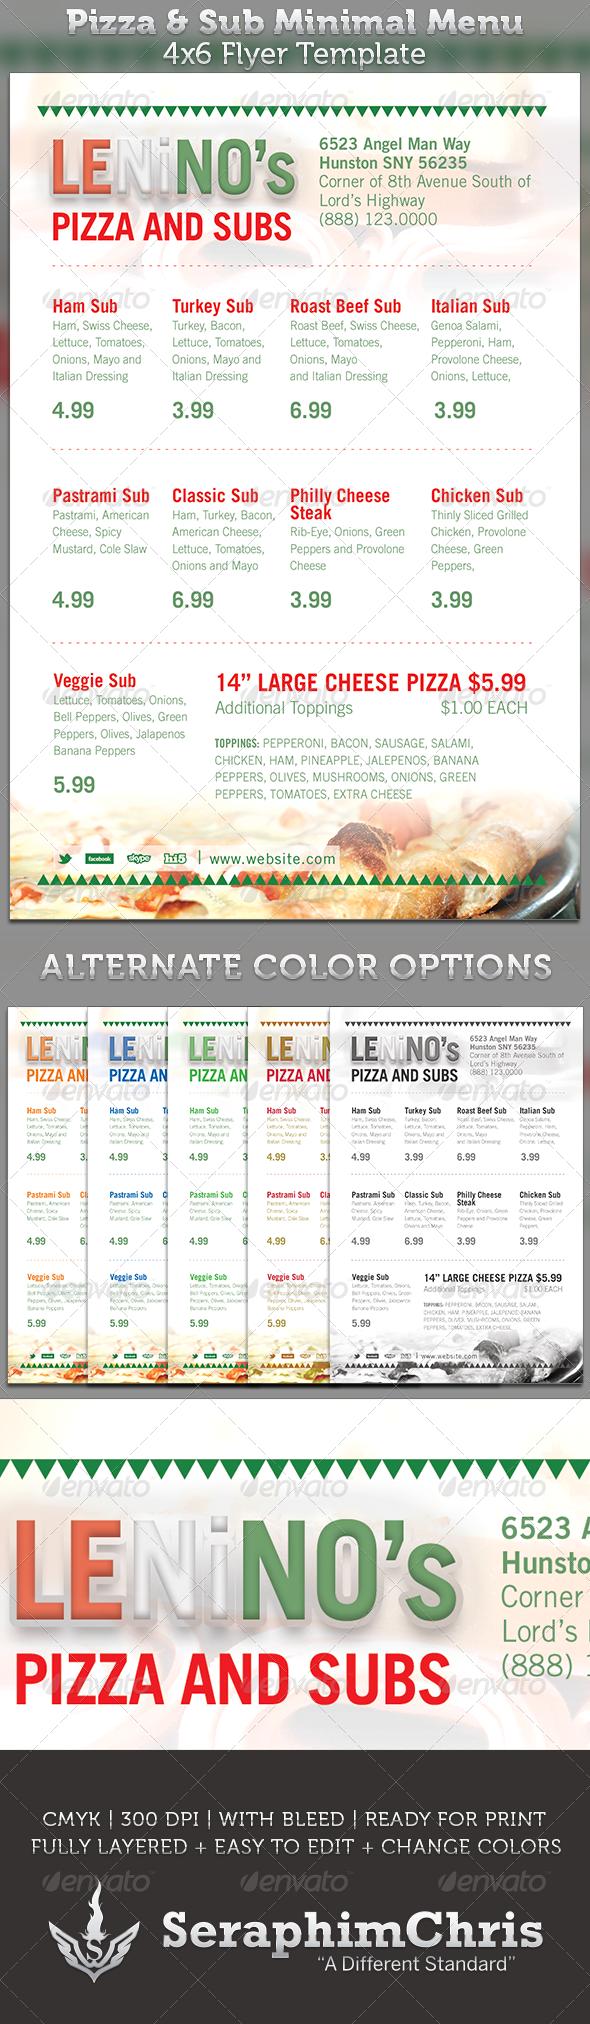 pizza  u0026 sub minimal 4x6 menu template